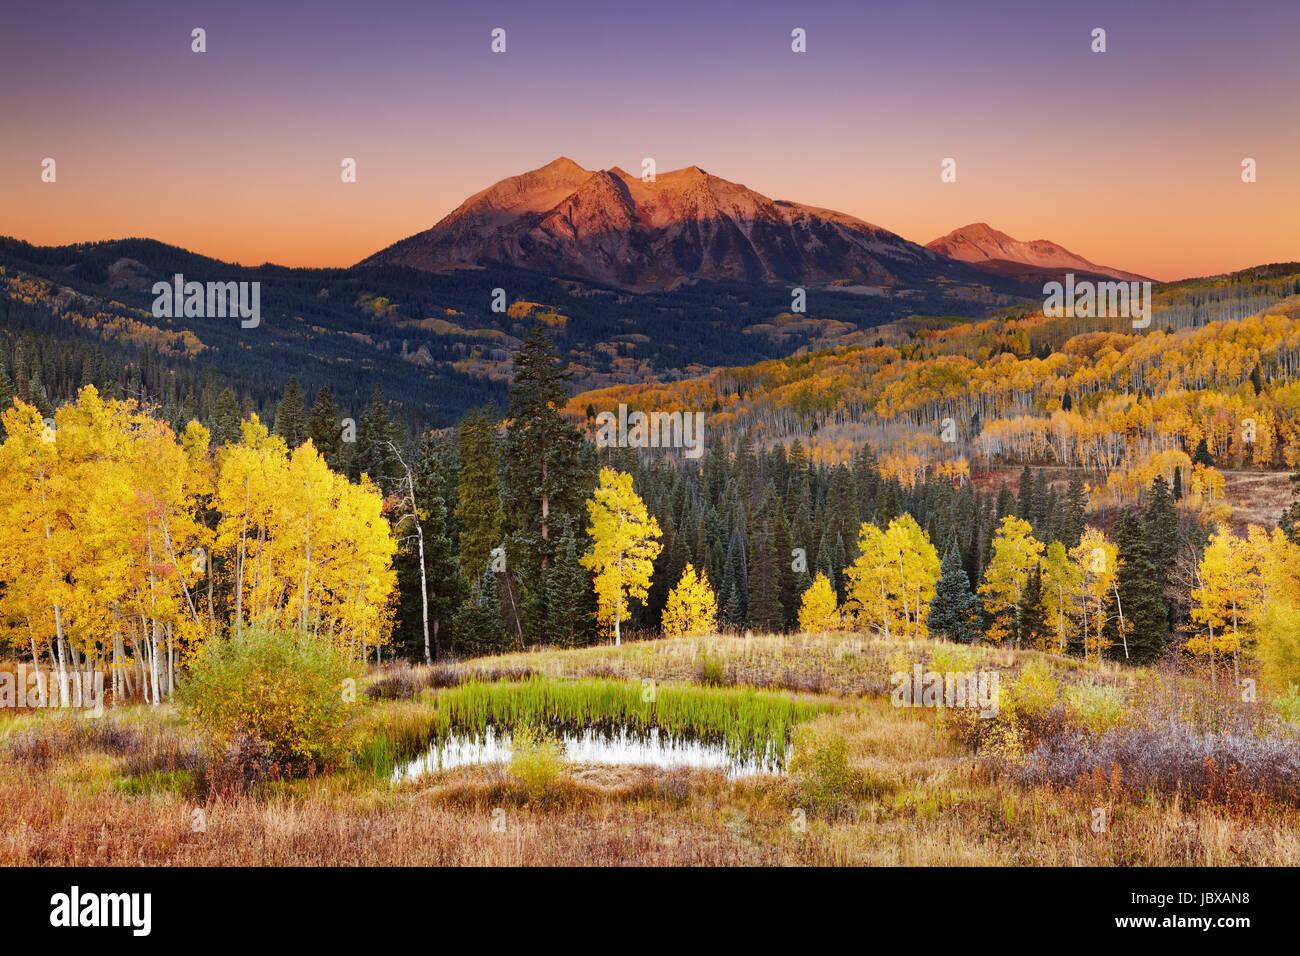 Este Beckwith montaña cerca al amanecer Kebler Pass, en las montañas de West Elk Colorado, EE.UU. Foto de stock